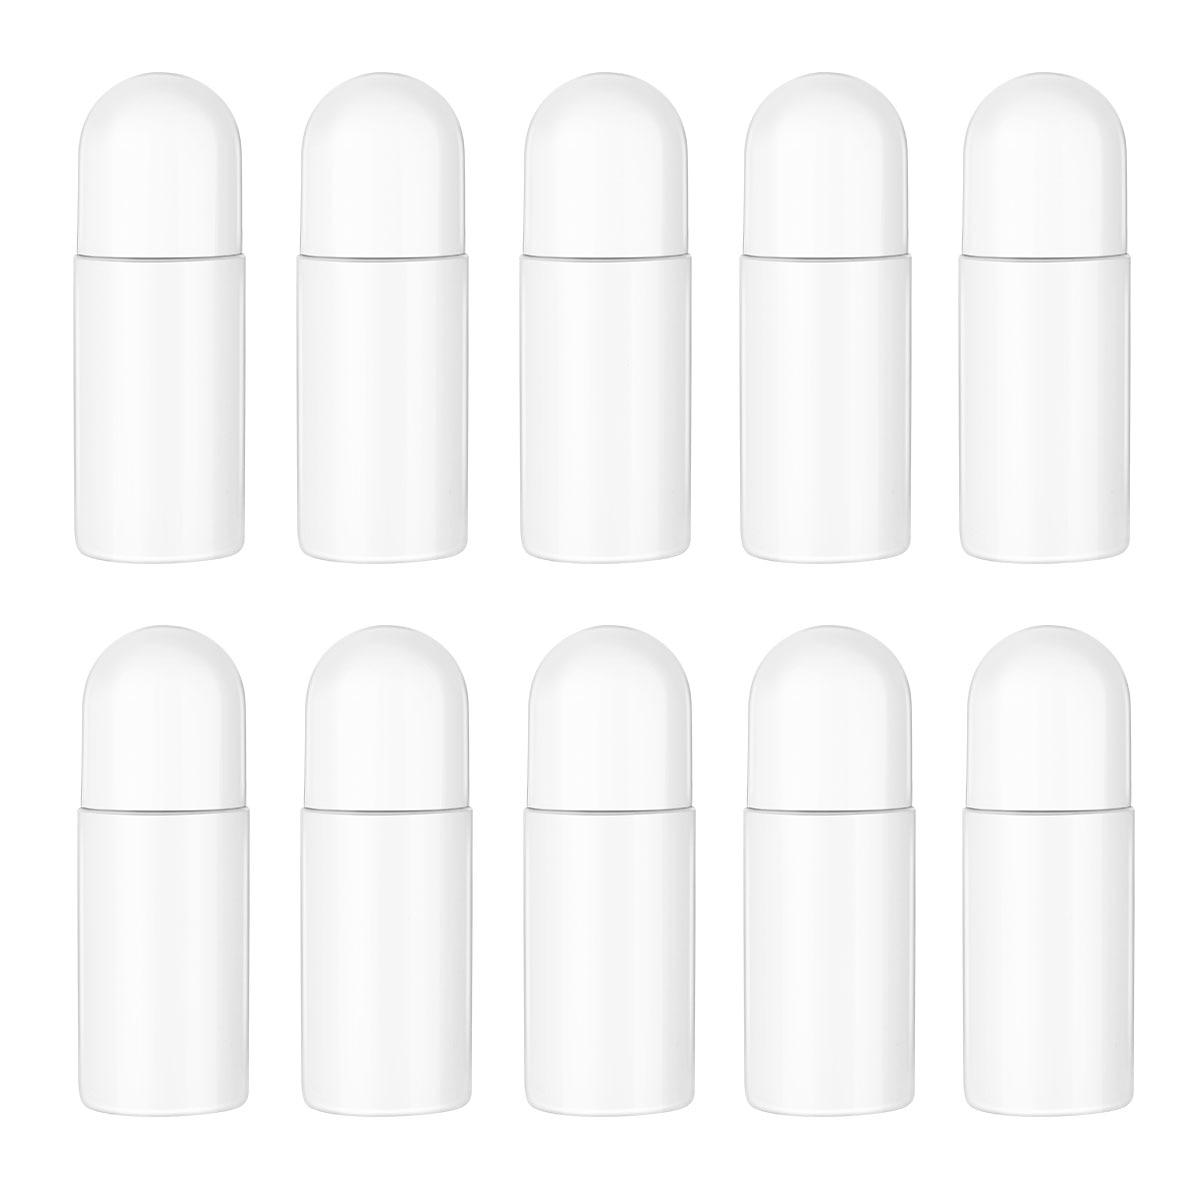 10 шт., пластиковые бутылочки для эфирных масел, 50 мл